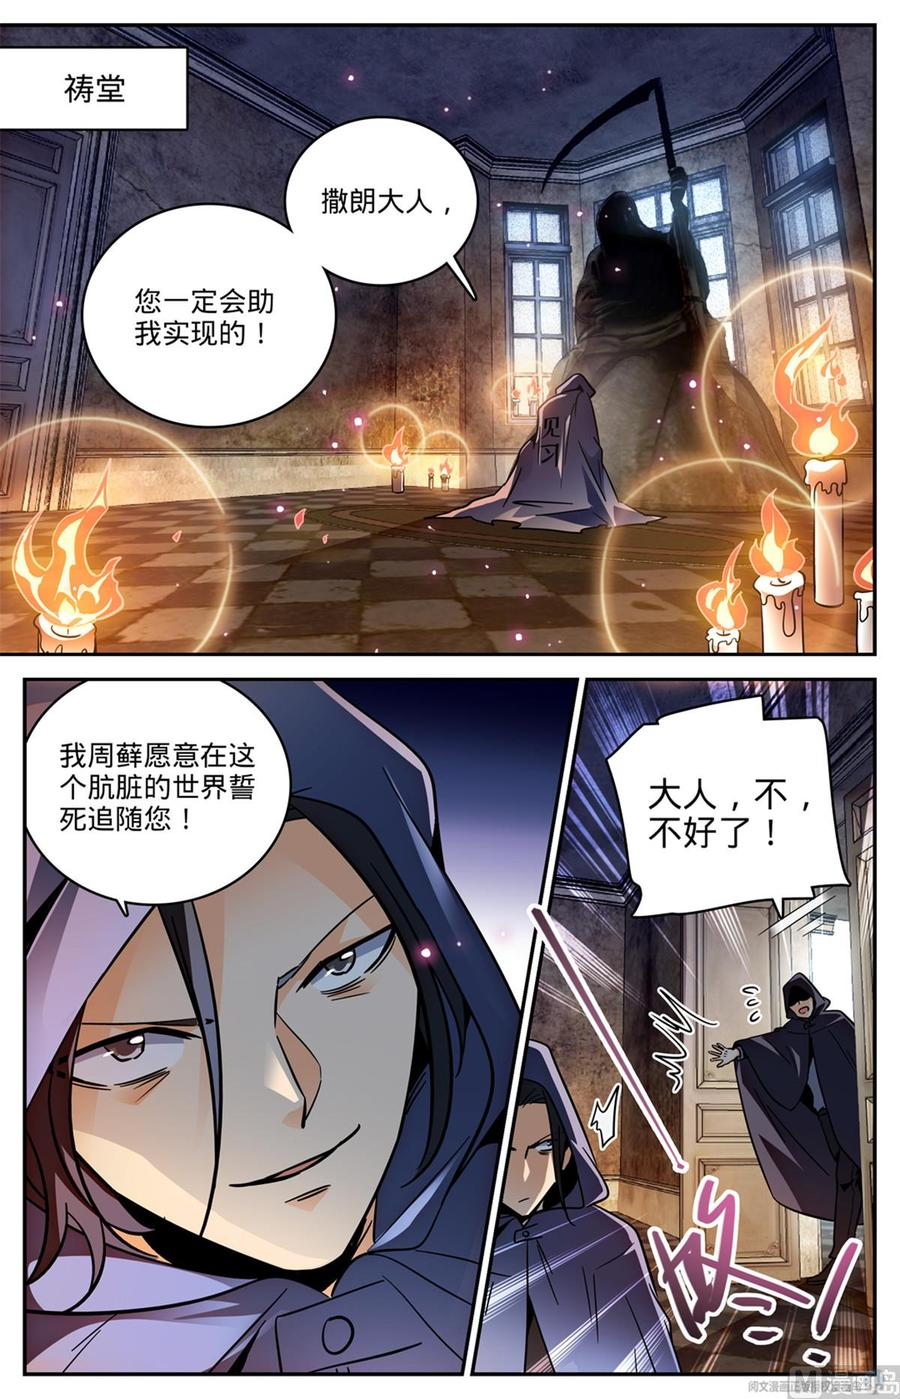 【漫画更新】全职法师   第566话